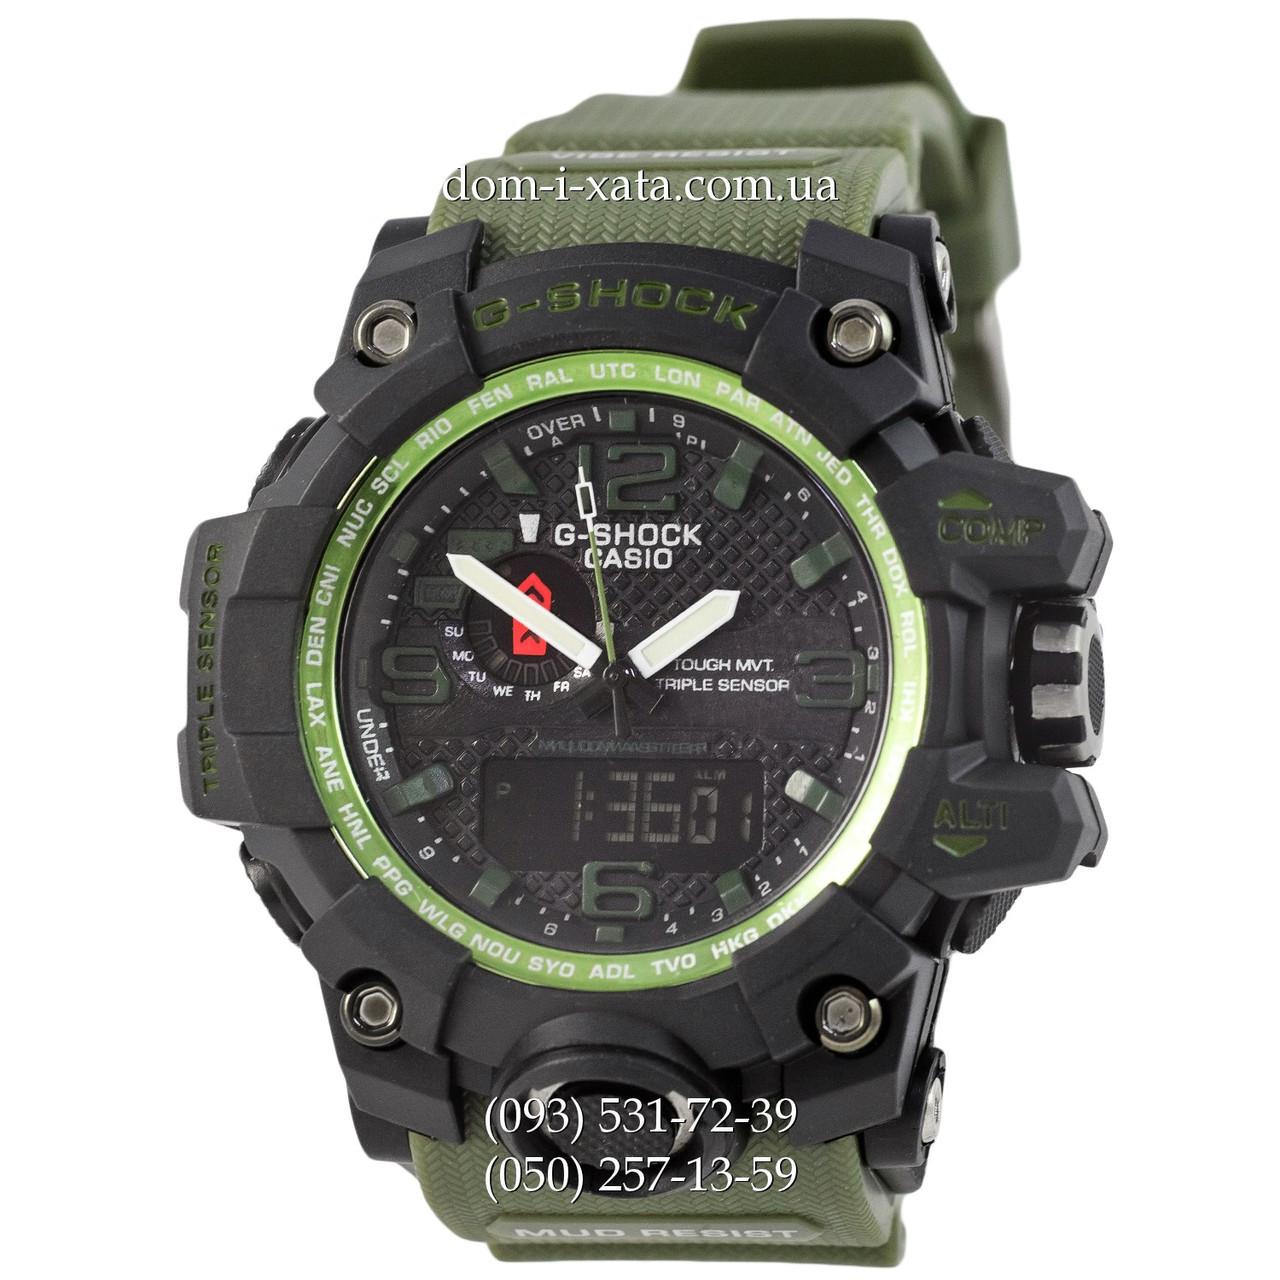 Электронные часы Casio G-Shock GWG-1000 Black-Militari Wristband, спортивные часы Джи Шок черный-зеленый, реплика отличное качество